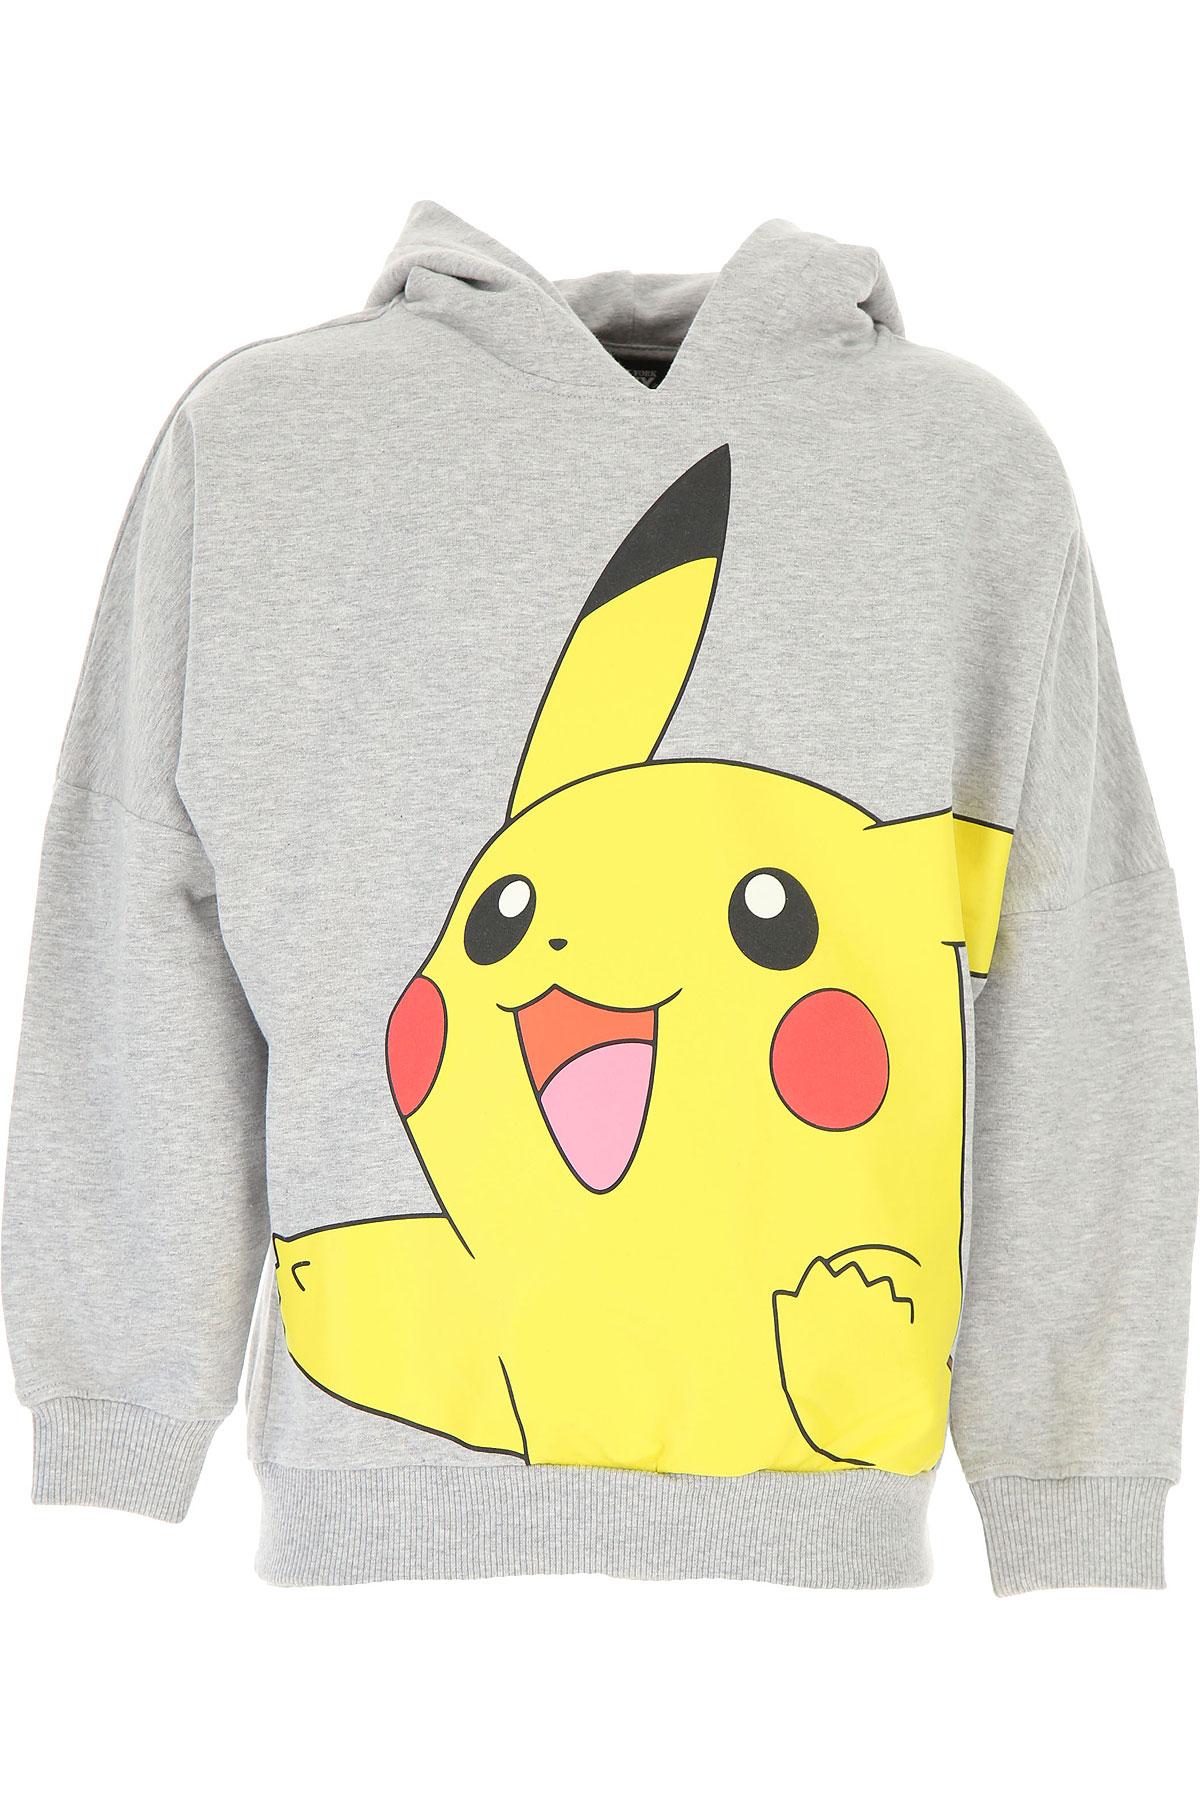 Jeremy Scott Kids Sweatshirts & Hoodies for Boys On Sale, Grey, Cotton, 2019, 10Y 4Y 6Y 8Y